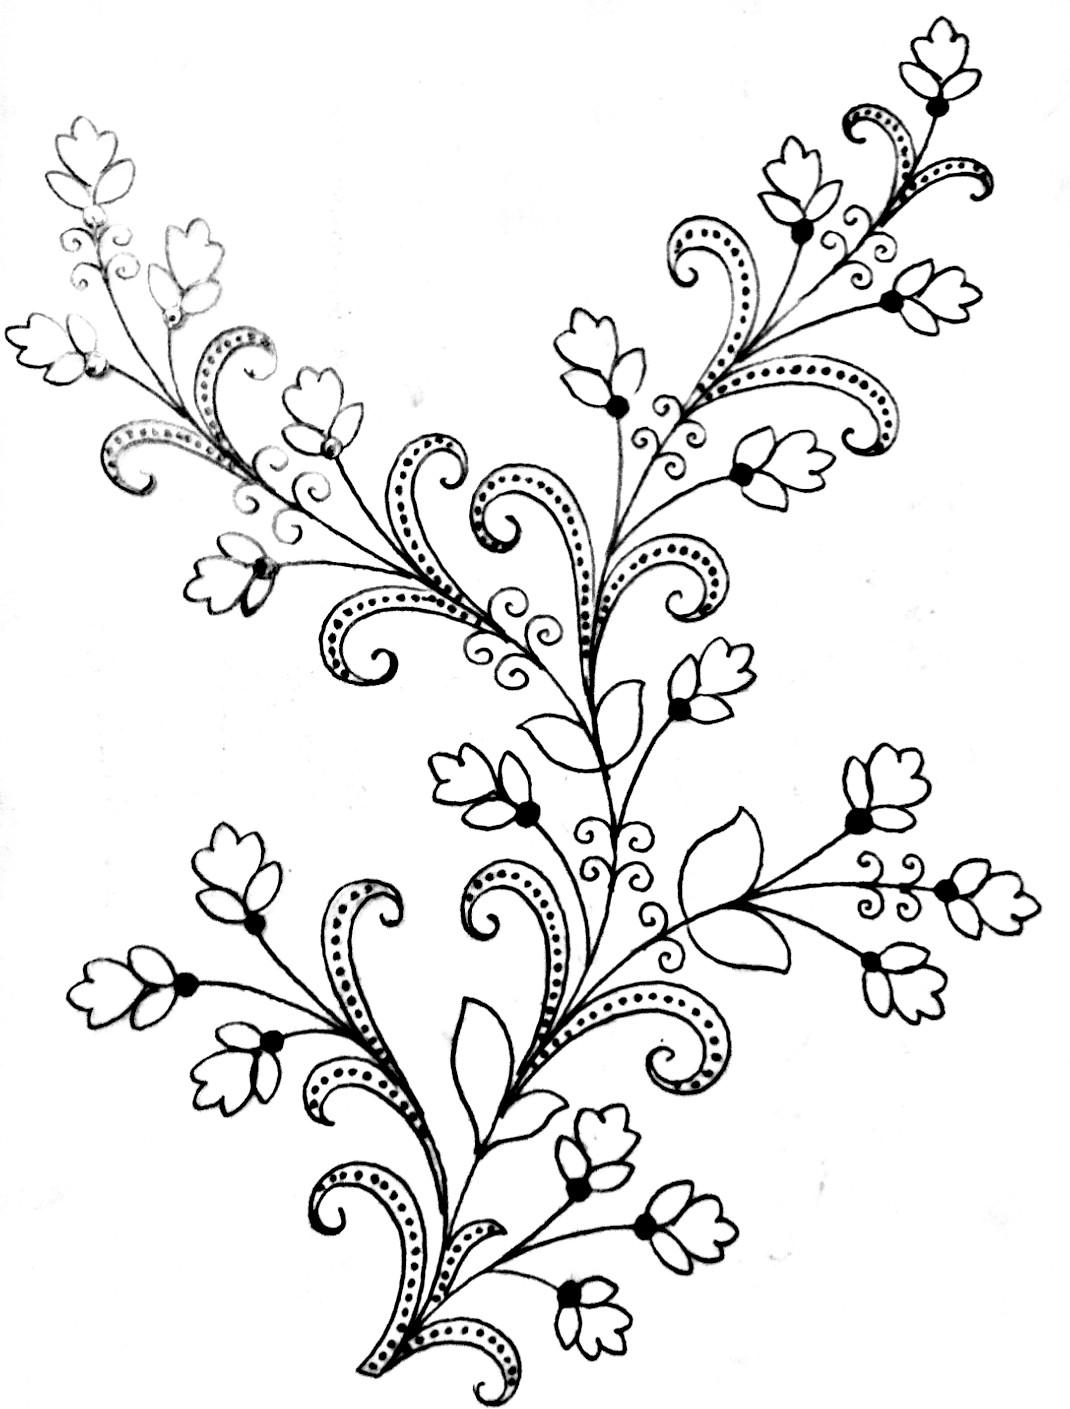 Simple saree design for drawing/saree design drawing easy/saree design drawing images free download.